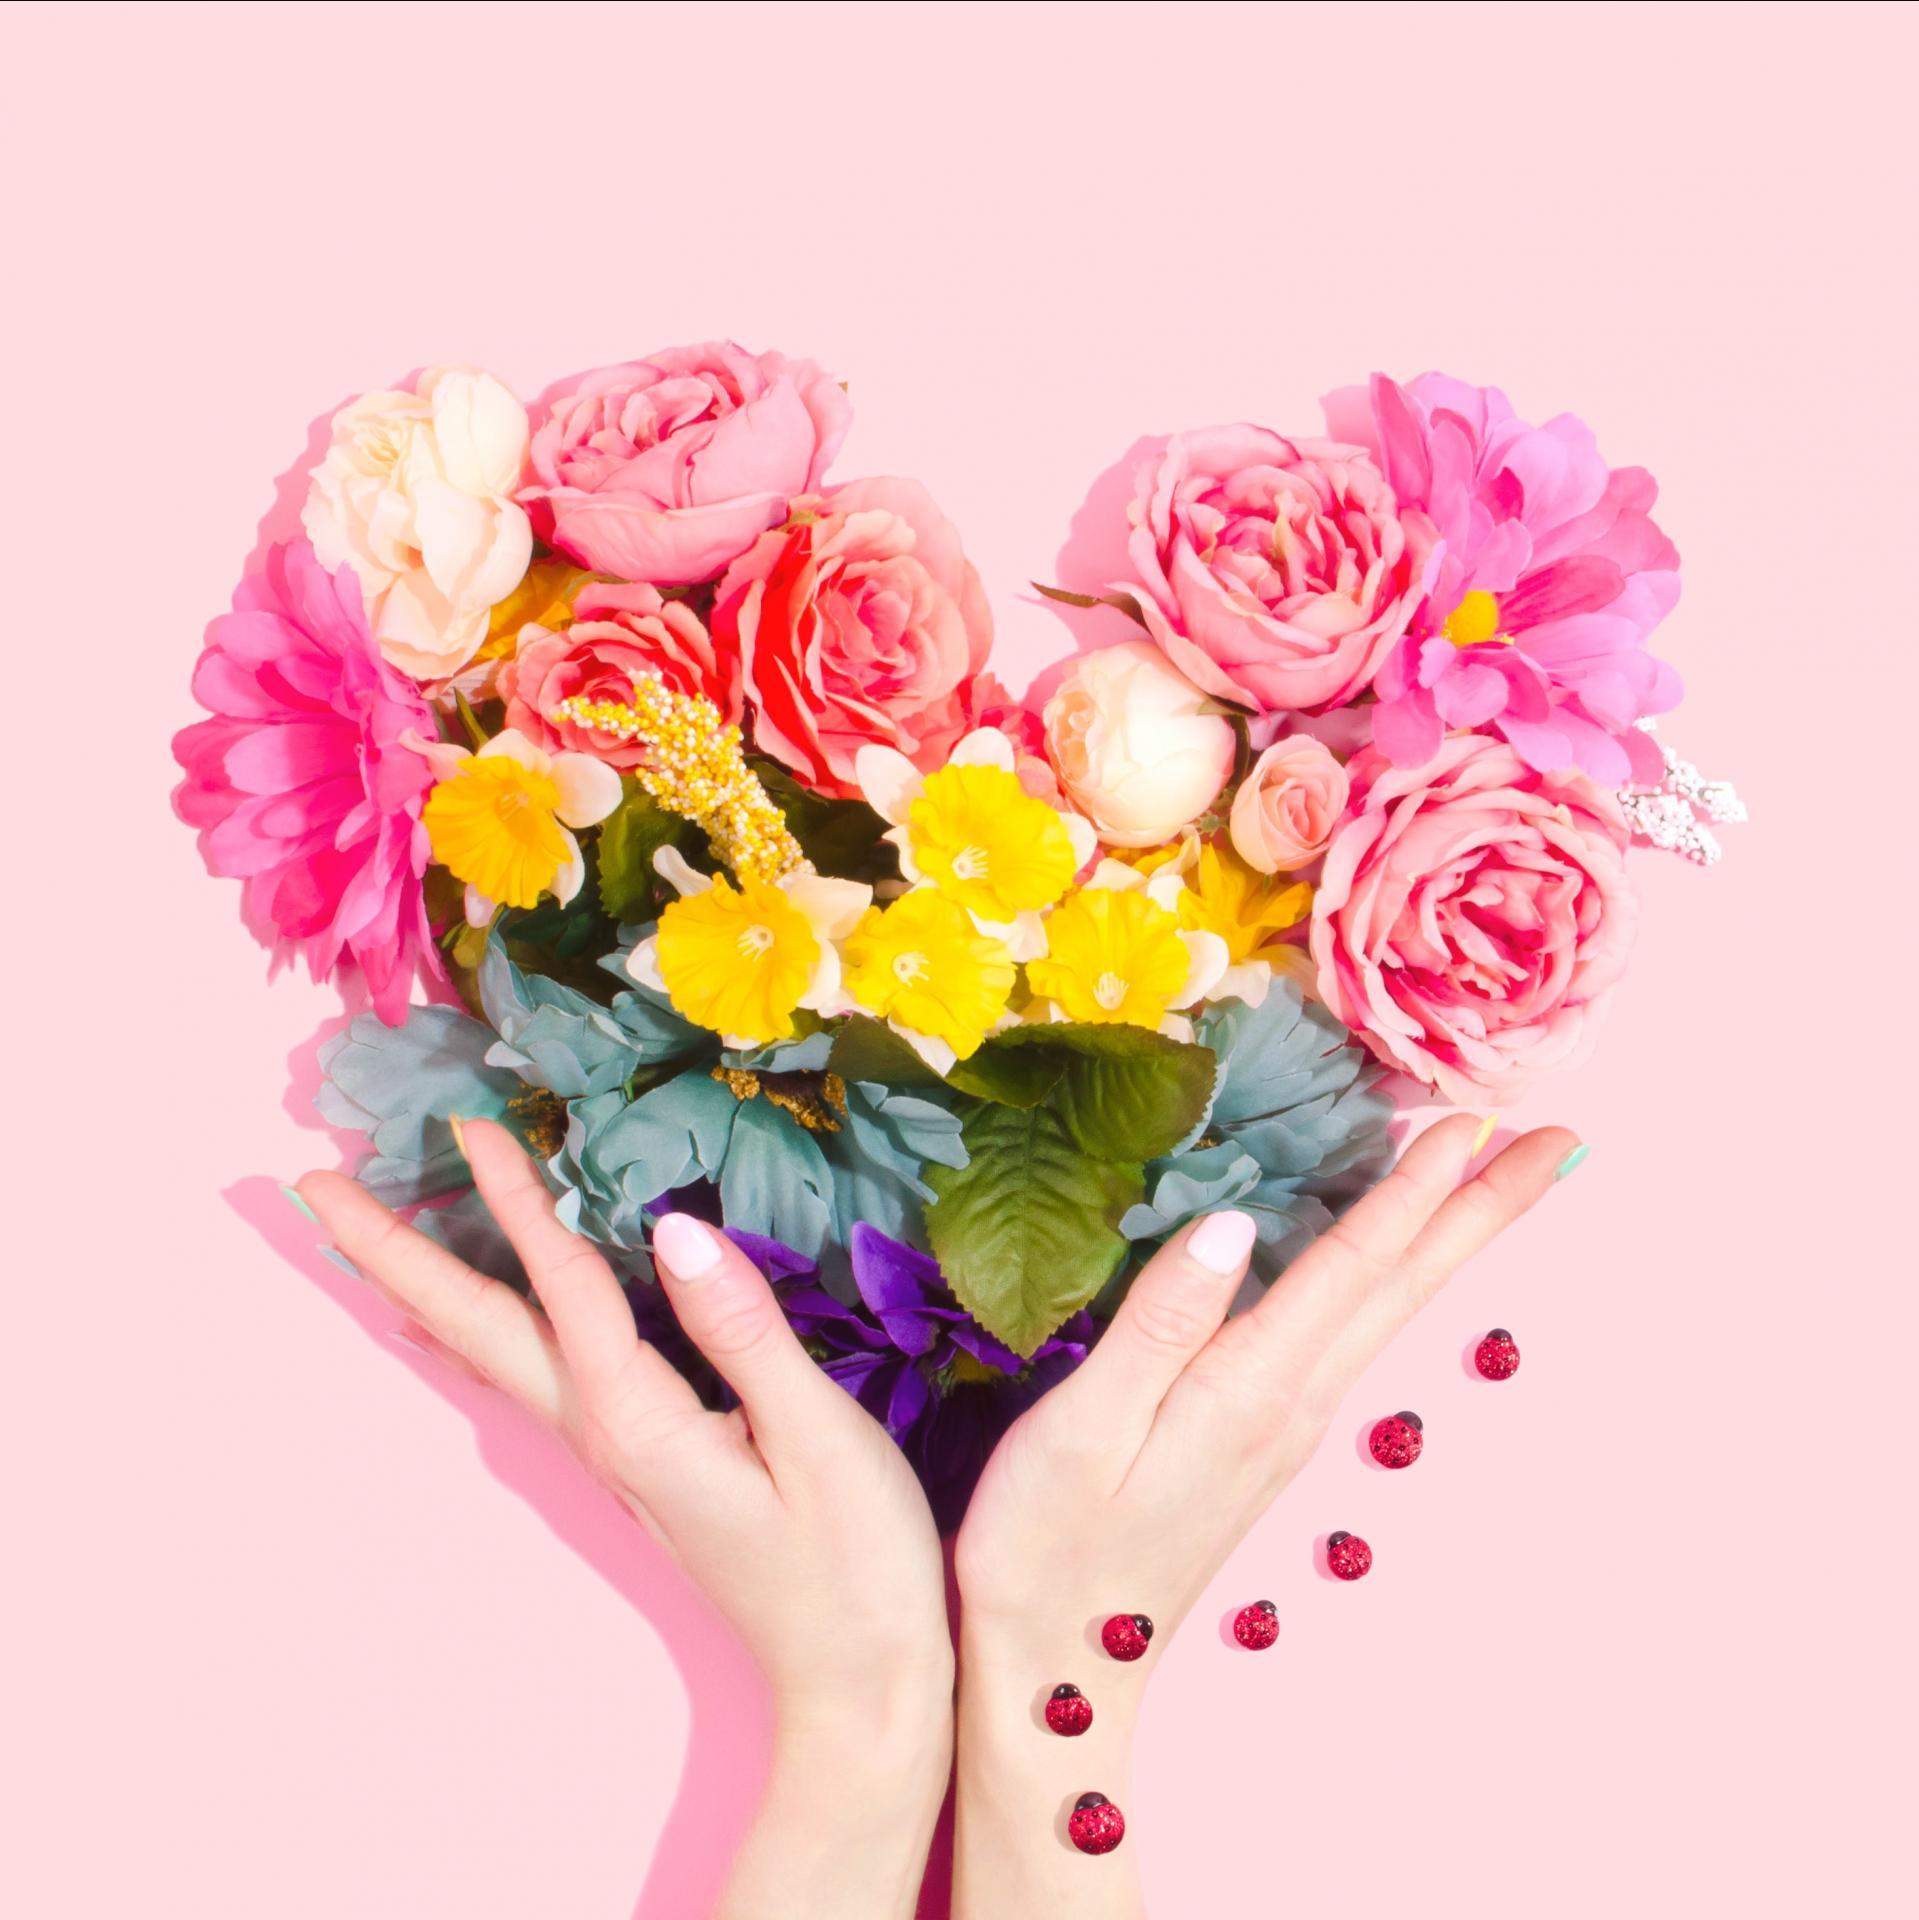 #AvemGrija de noi - Îngrijirea mâinilor